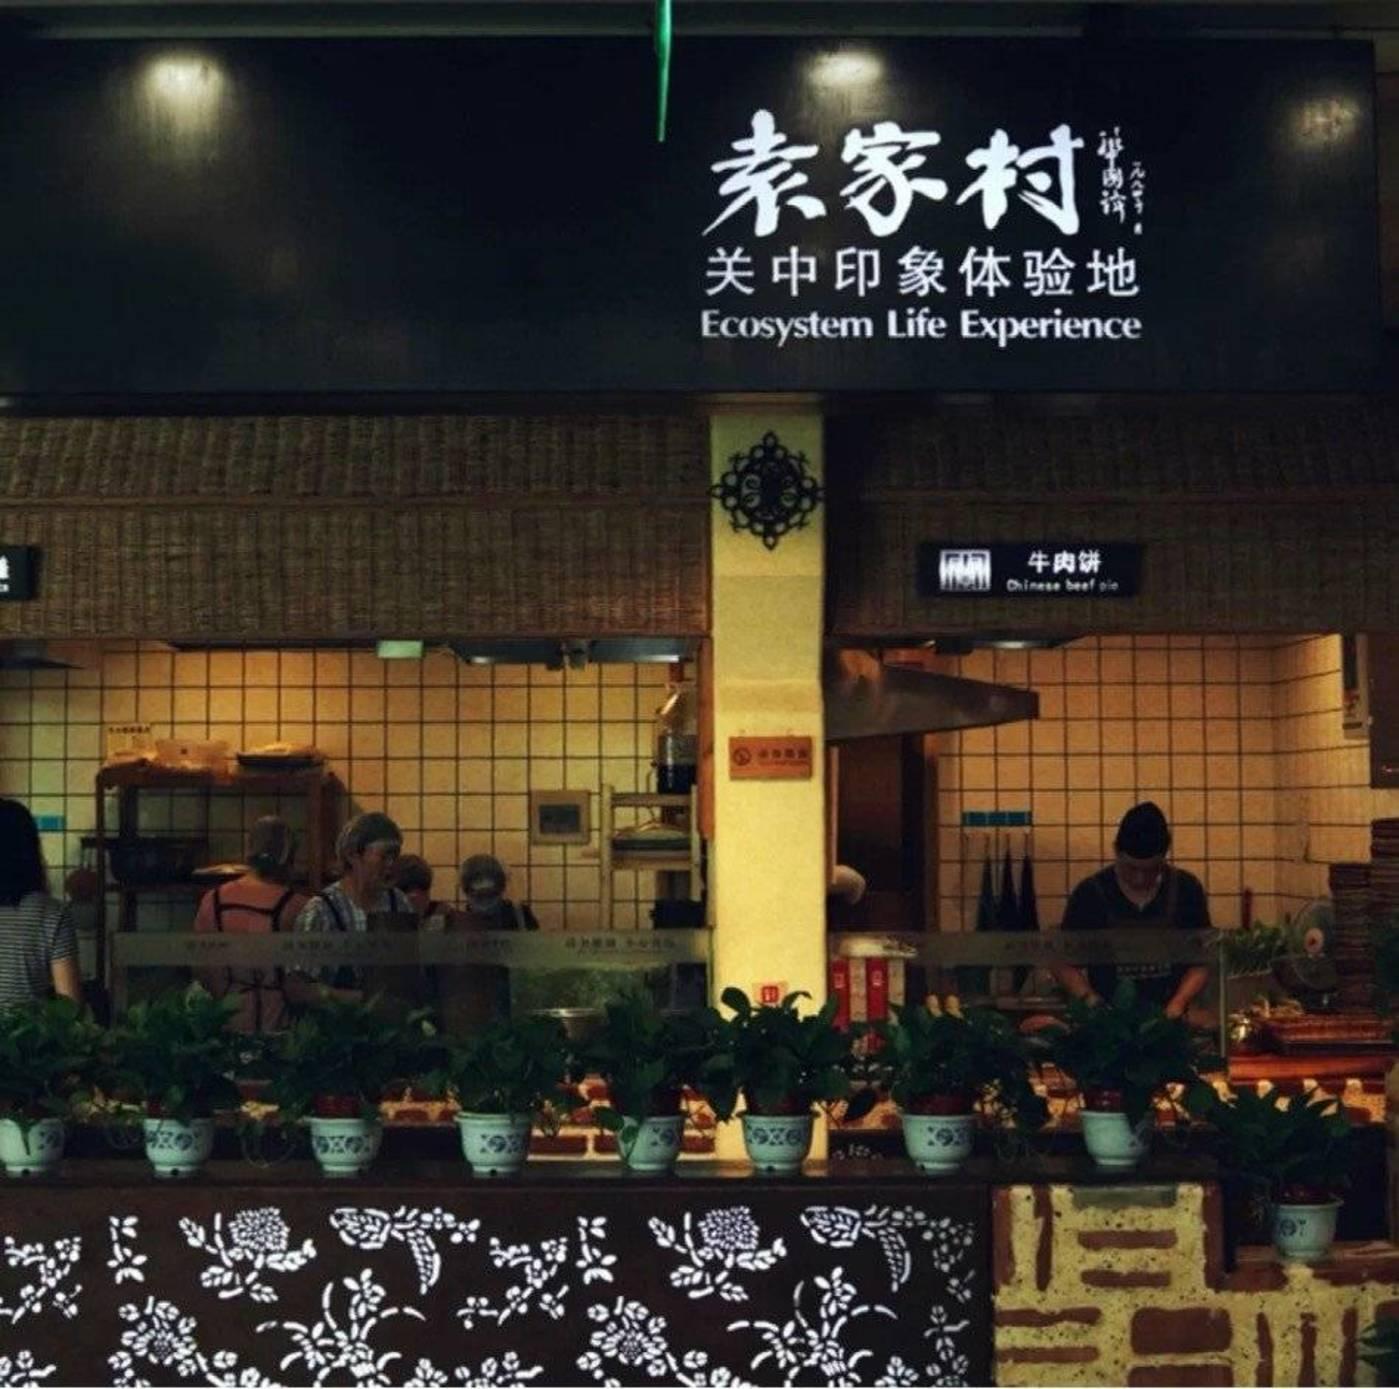 袁家村 关中印象体验地,曲江银泰城